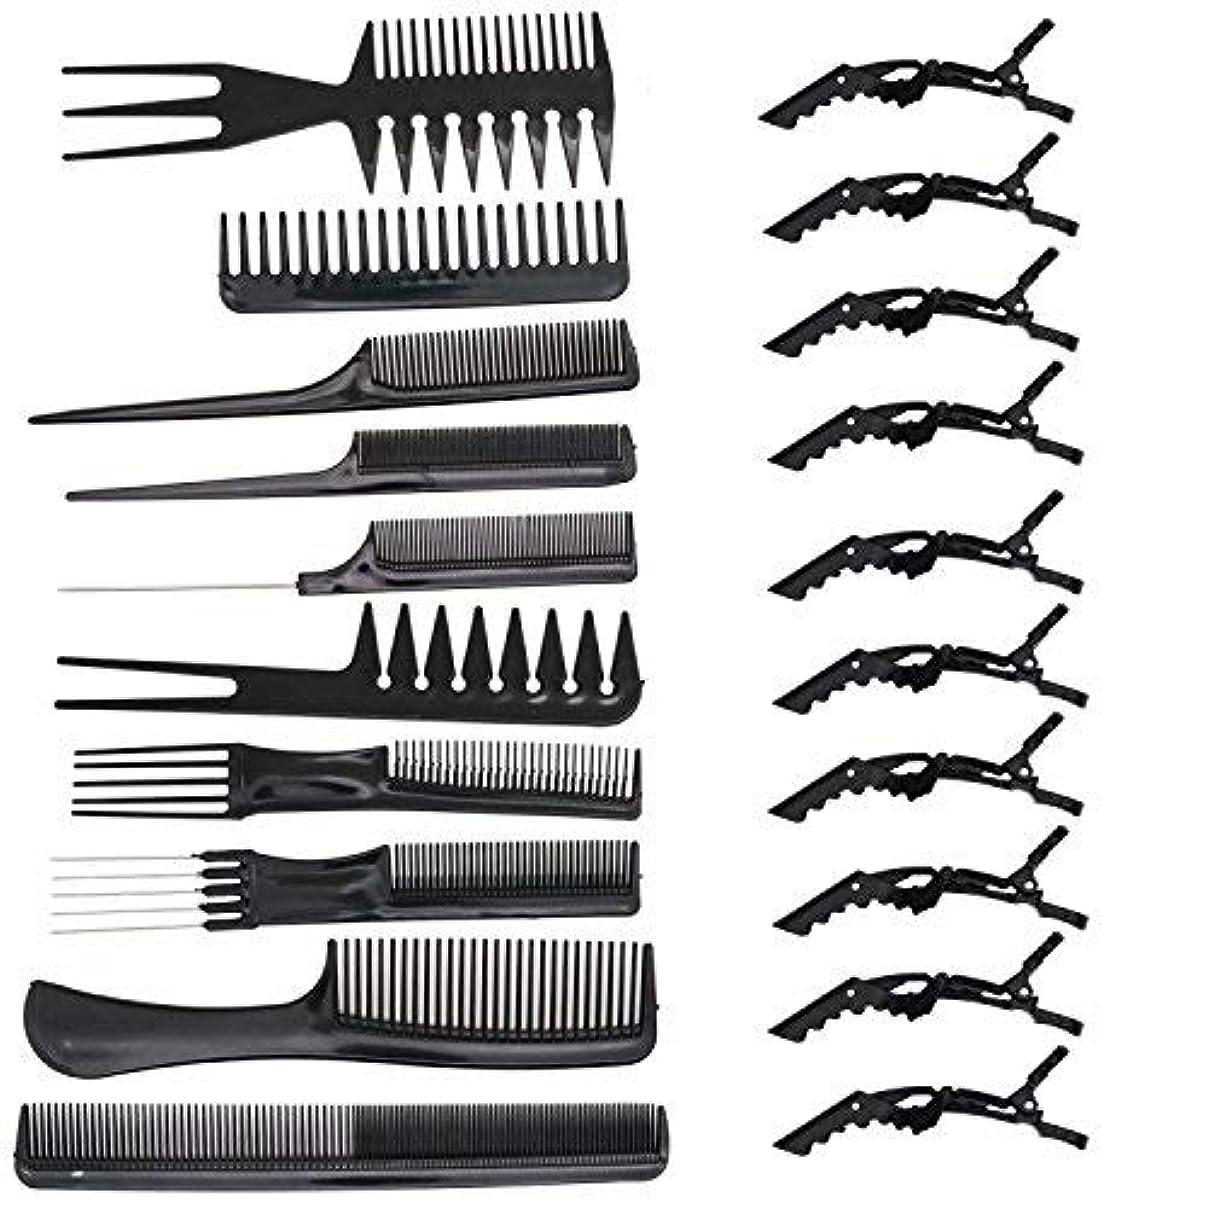 回想交通ミッションHUELE 10 Pcs Professional Hair Styling Comb with Styling Clips Hair Salon Styling Barbers Set Kit [並行輸入品]